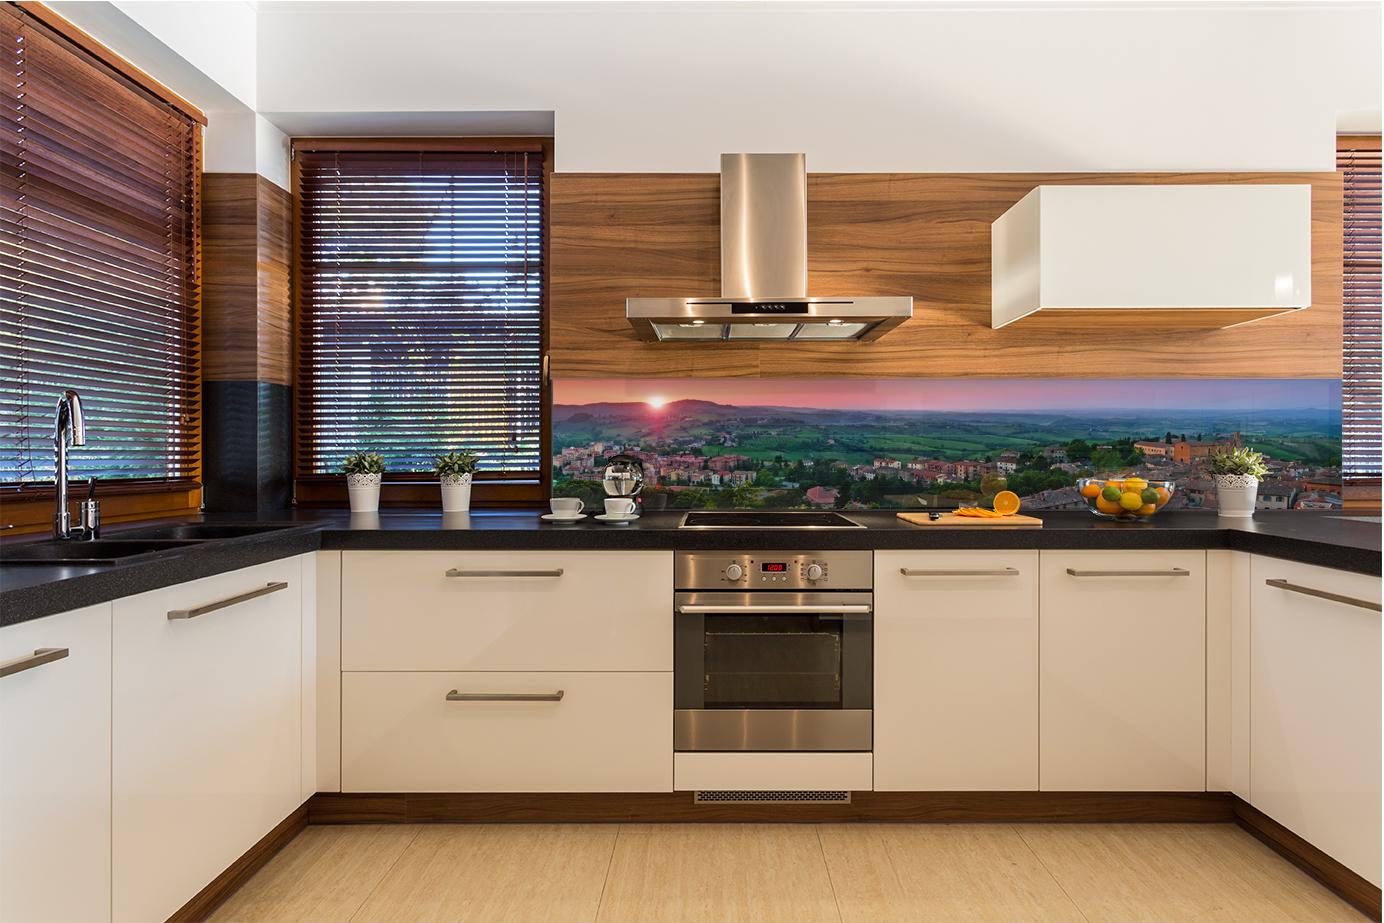 Pannello retro cucina moderna in vetro temperato citt arancione citt mediavale ebay - Vetro temperato cucina ...